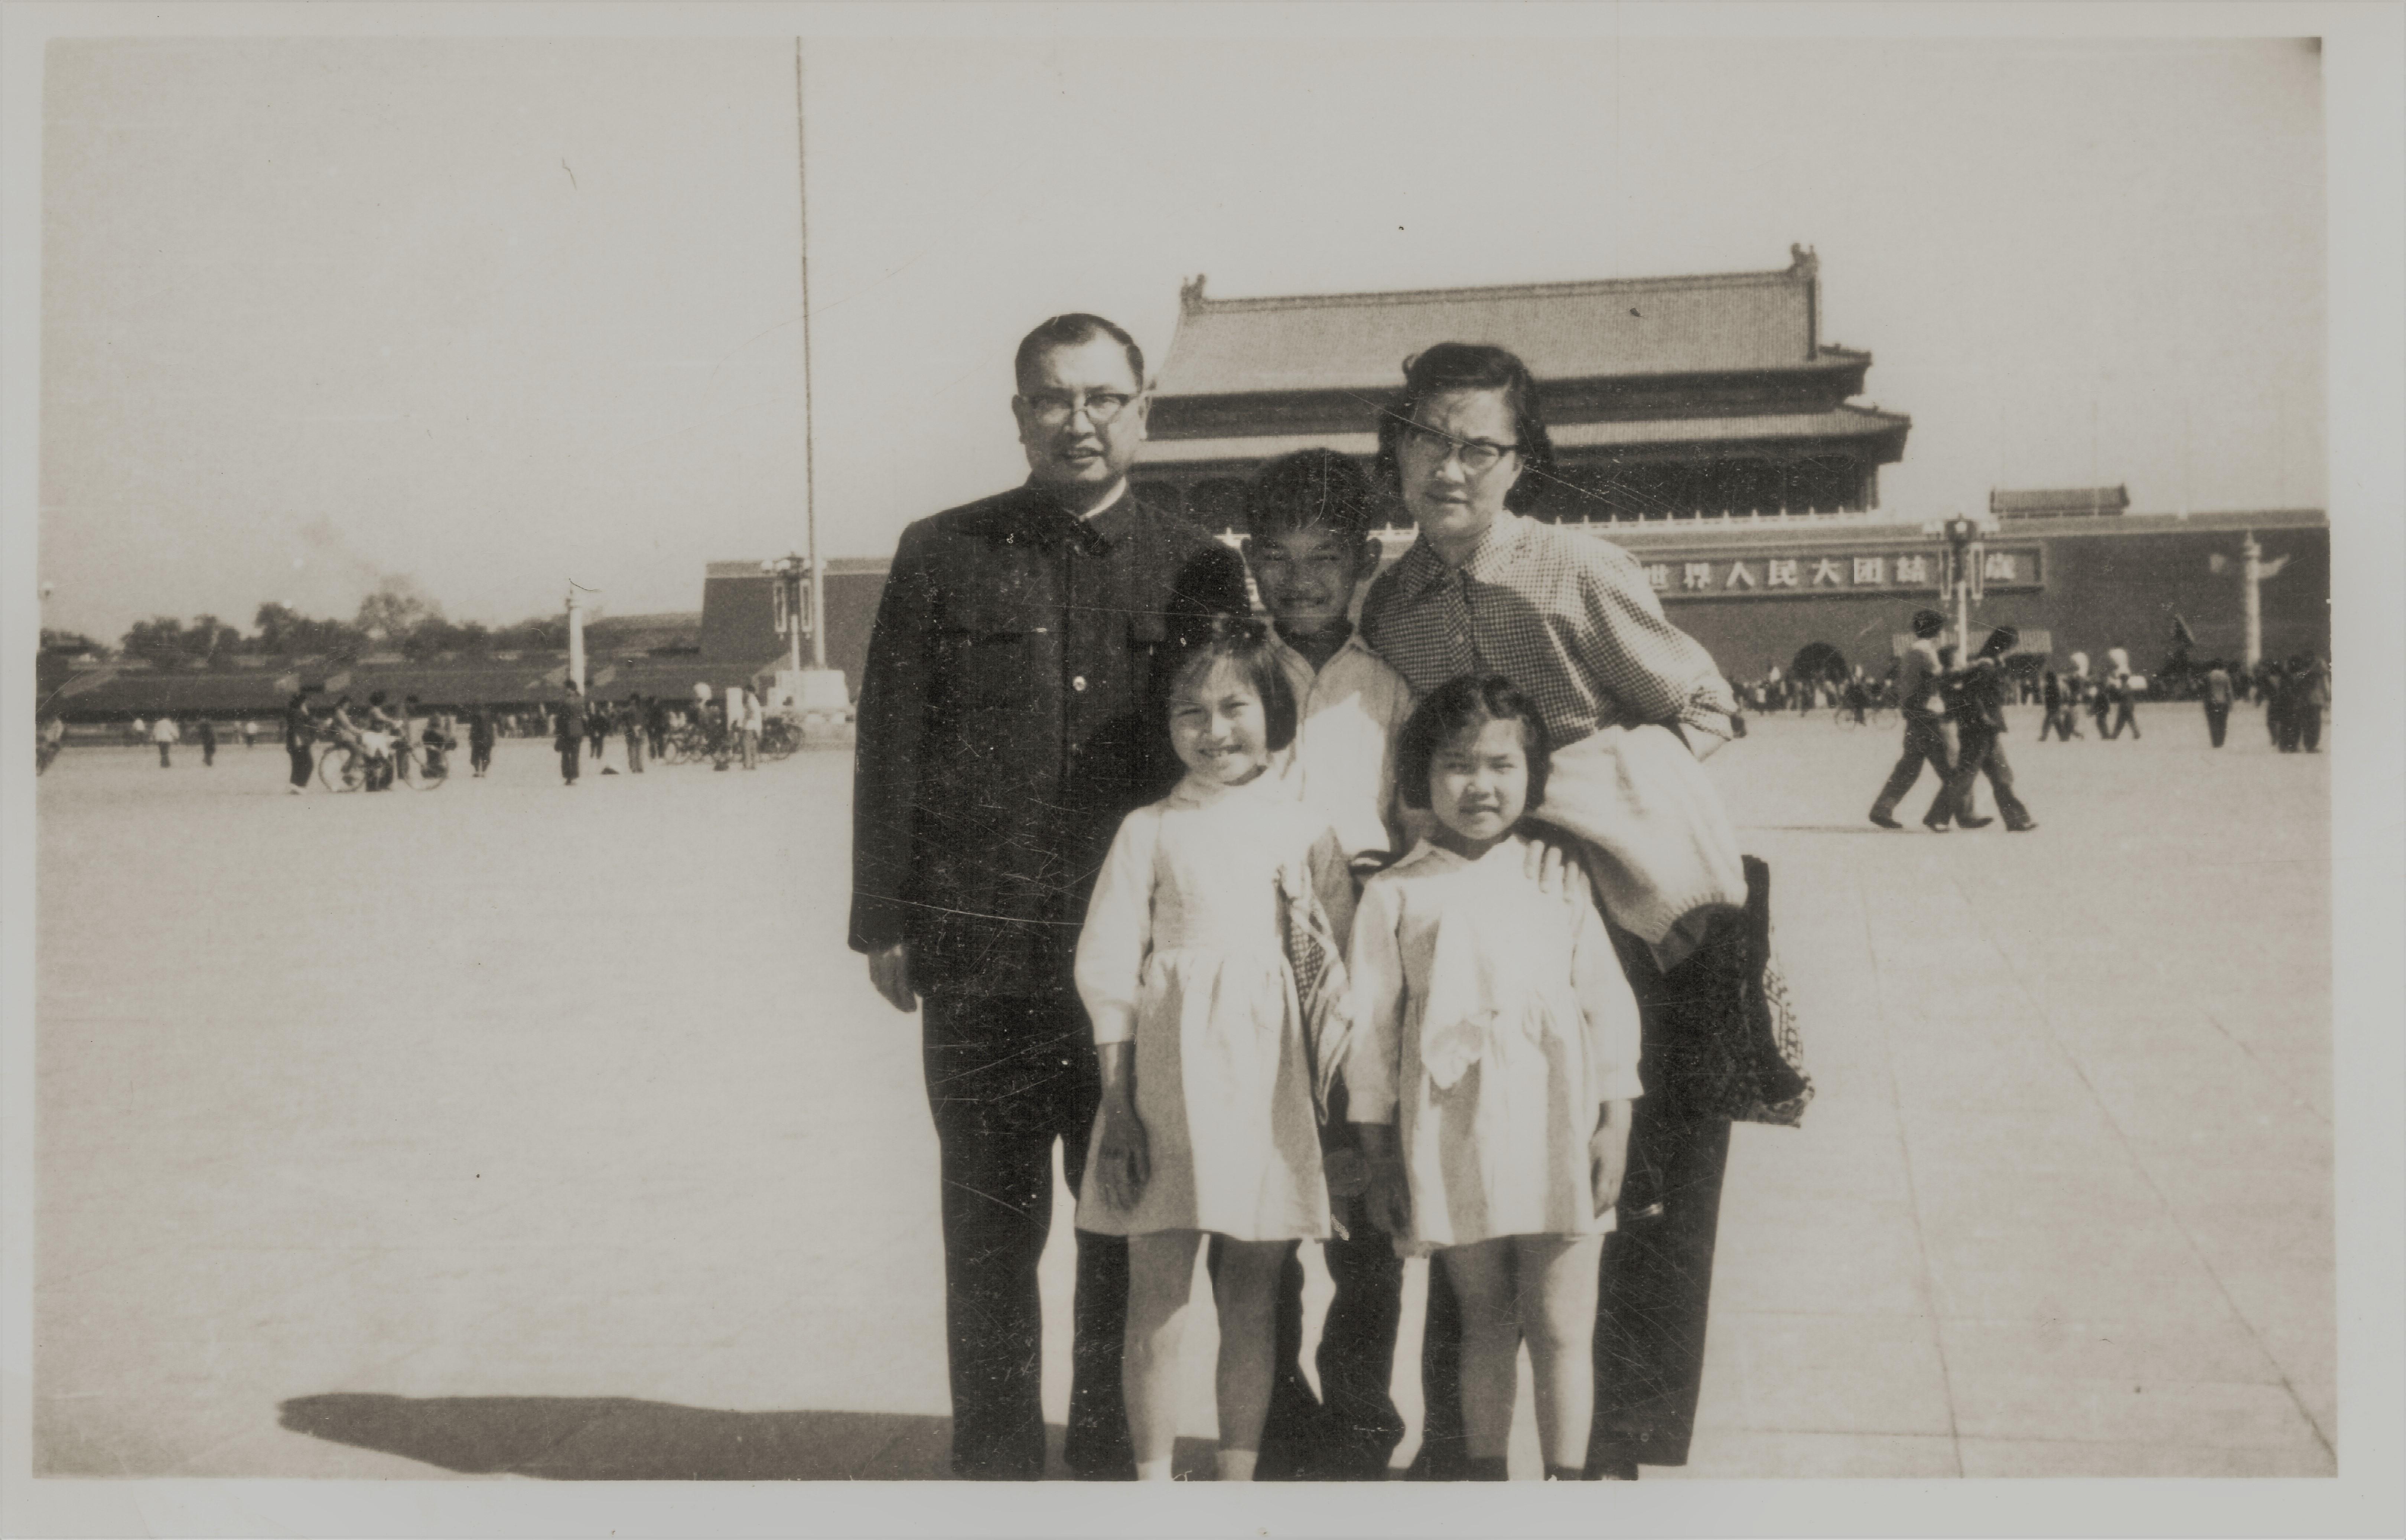 吳荻舟張佩華和三個小孩子(小兒子三女四女)合影,背景是天安門城樓